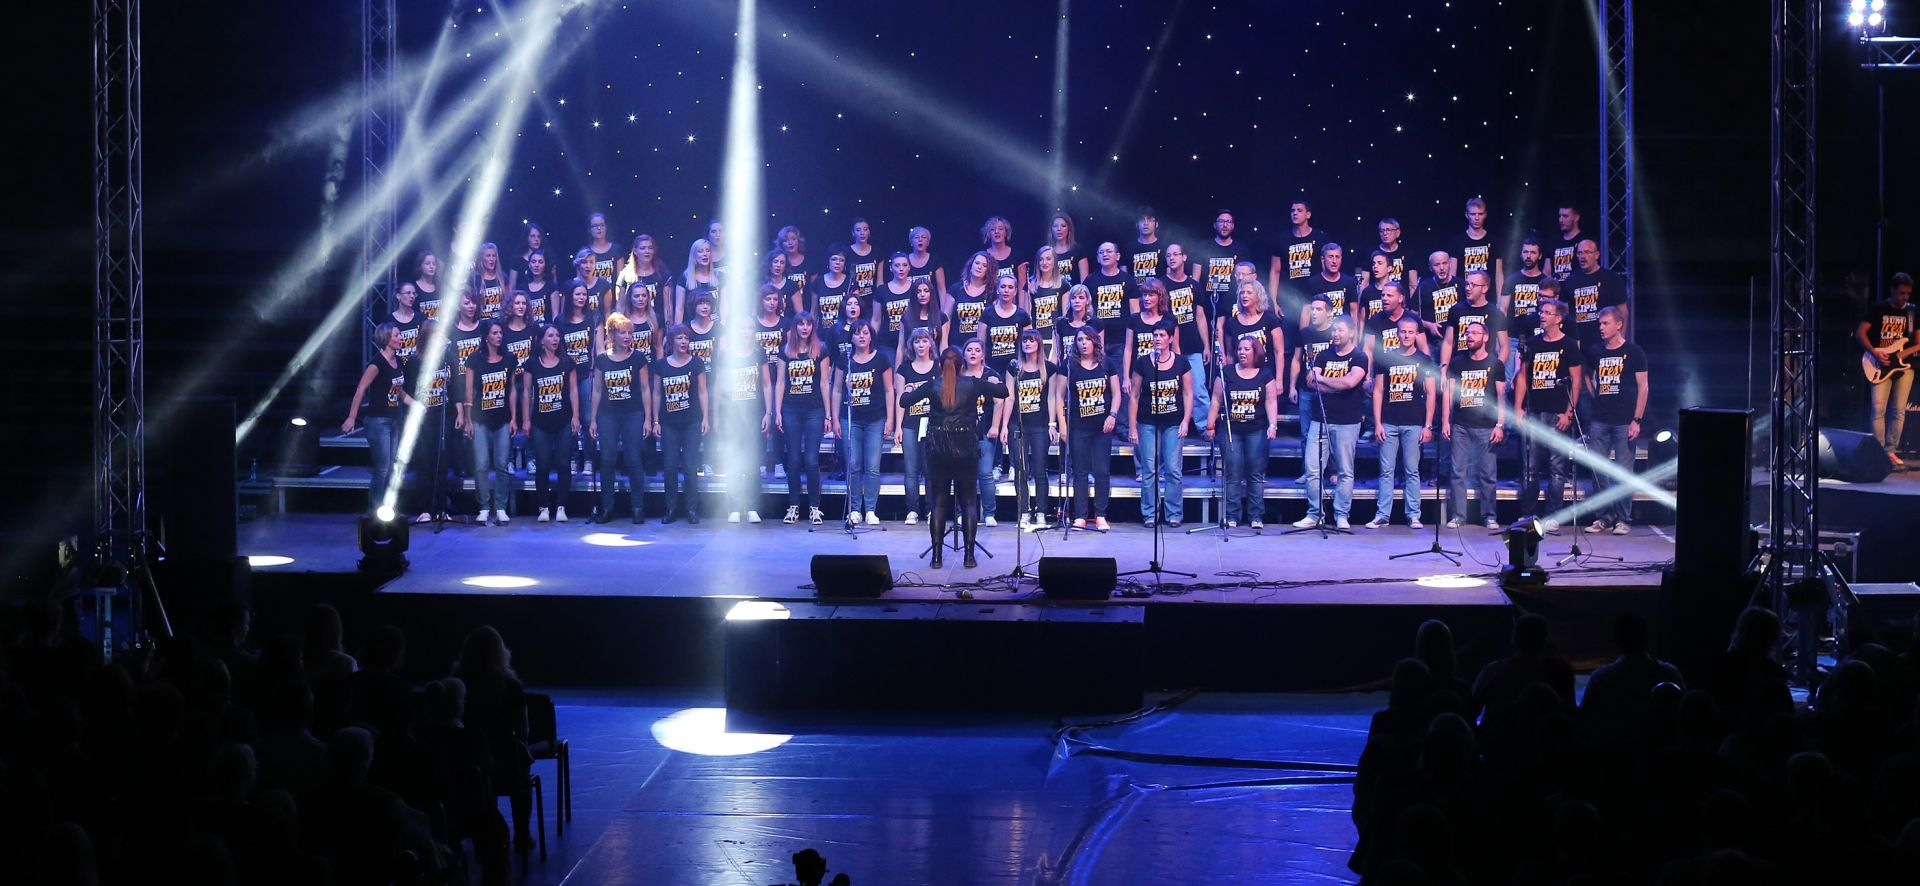 Božićni humanitarni koncert HPD Lipa za obnovu vukovarskog Vodotornja